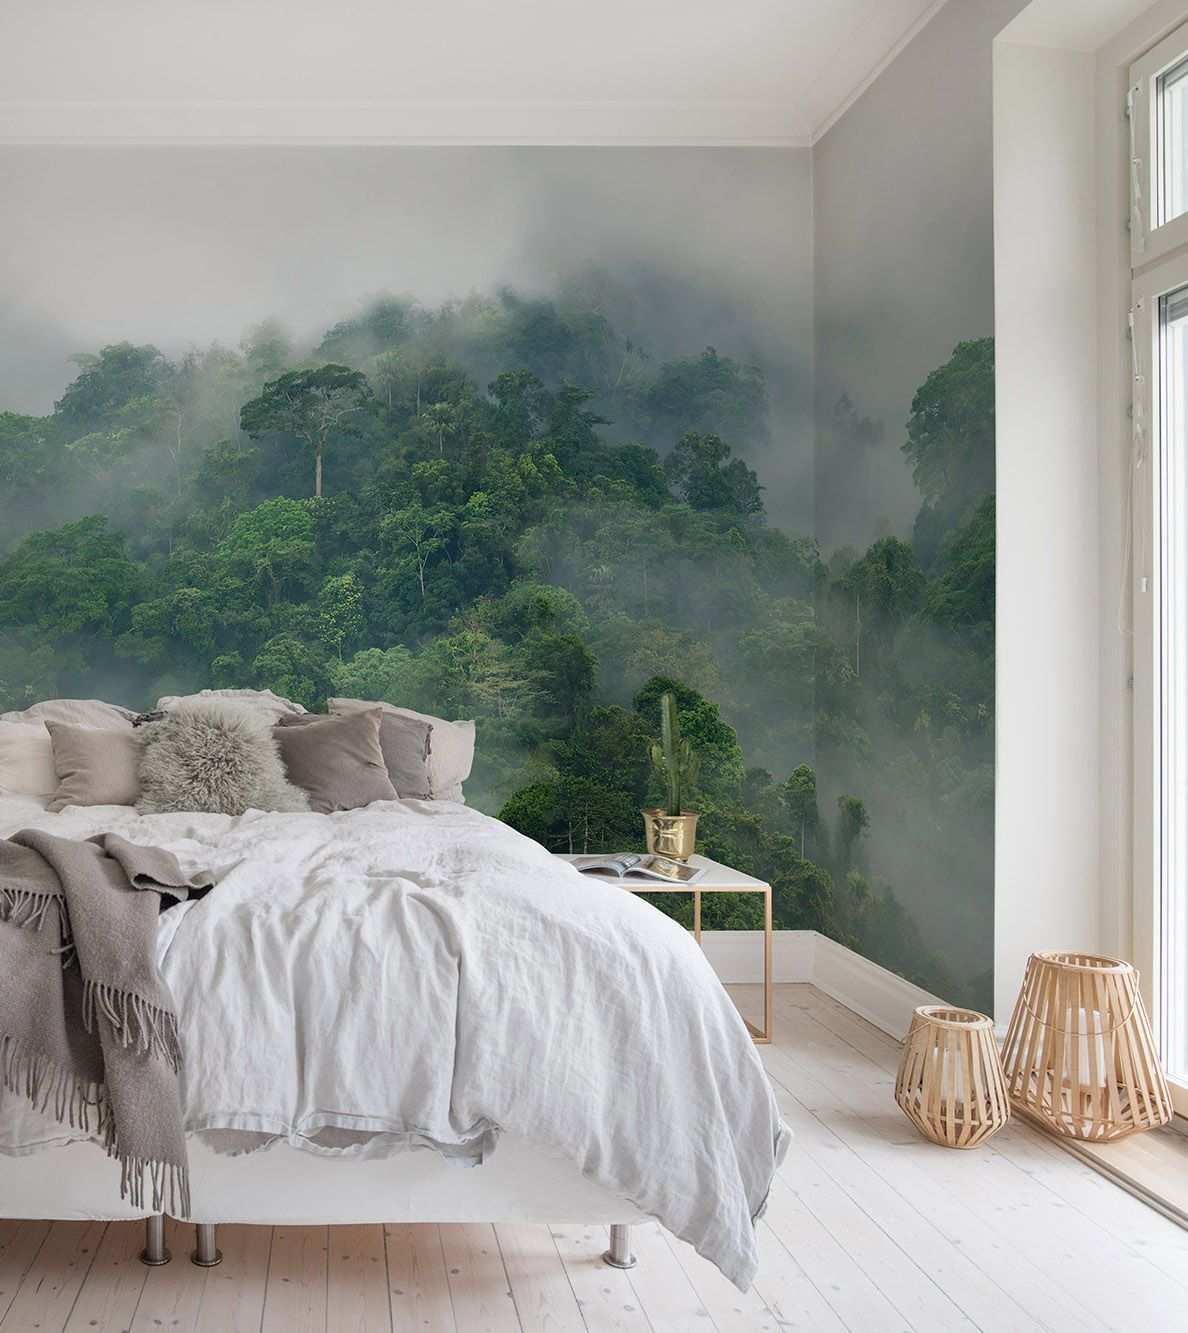 Misty Forest Tapete Schlafzimmer Schlafzimmer Tapete Tapete Wohnzimmer